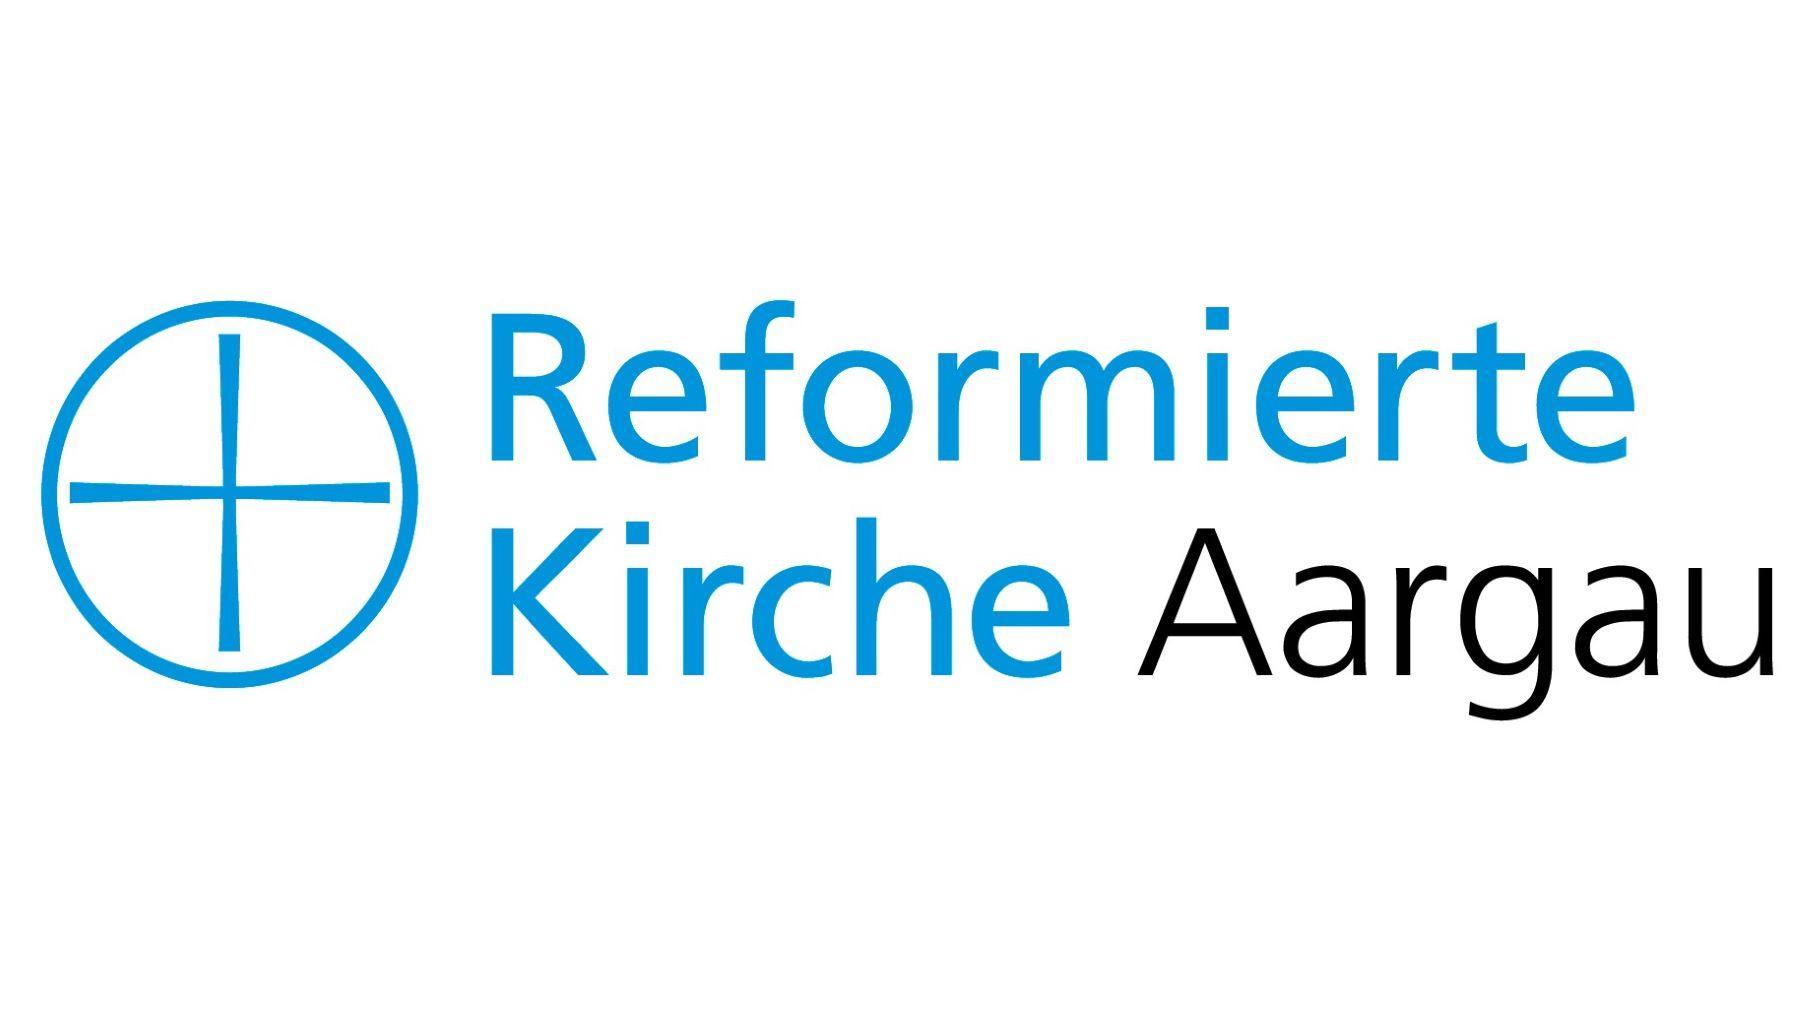 Refomierte Kirche Aargau wortbildmarke RGB 1800 16 9